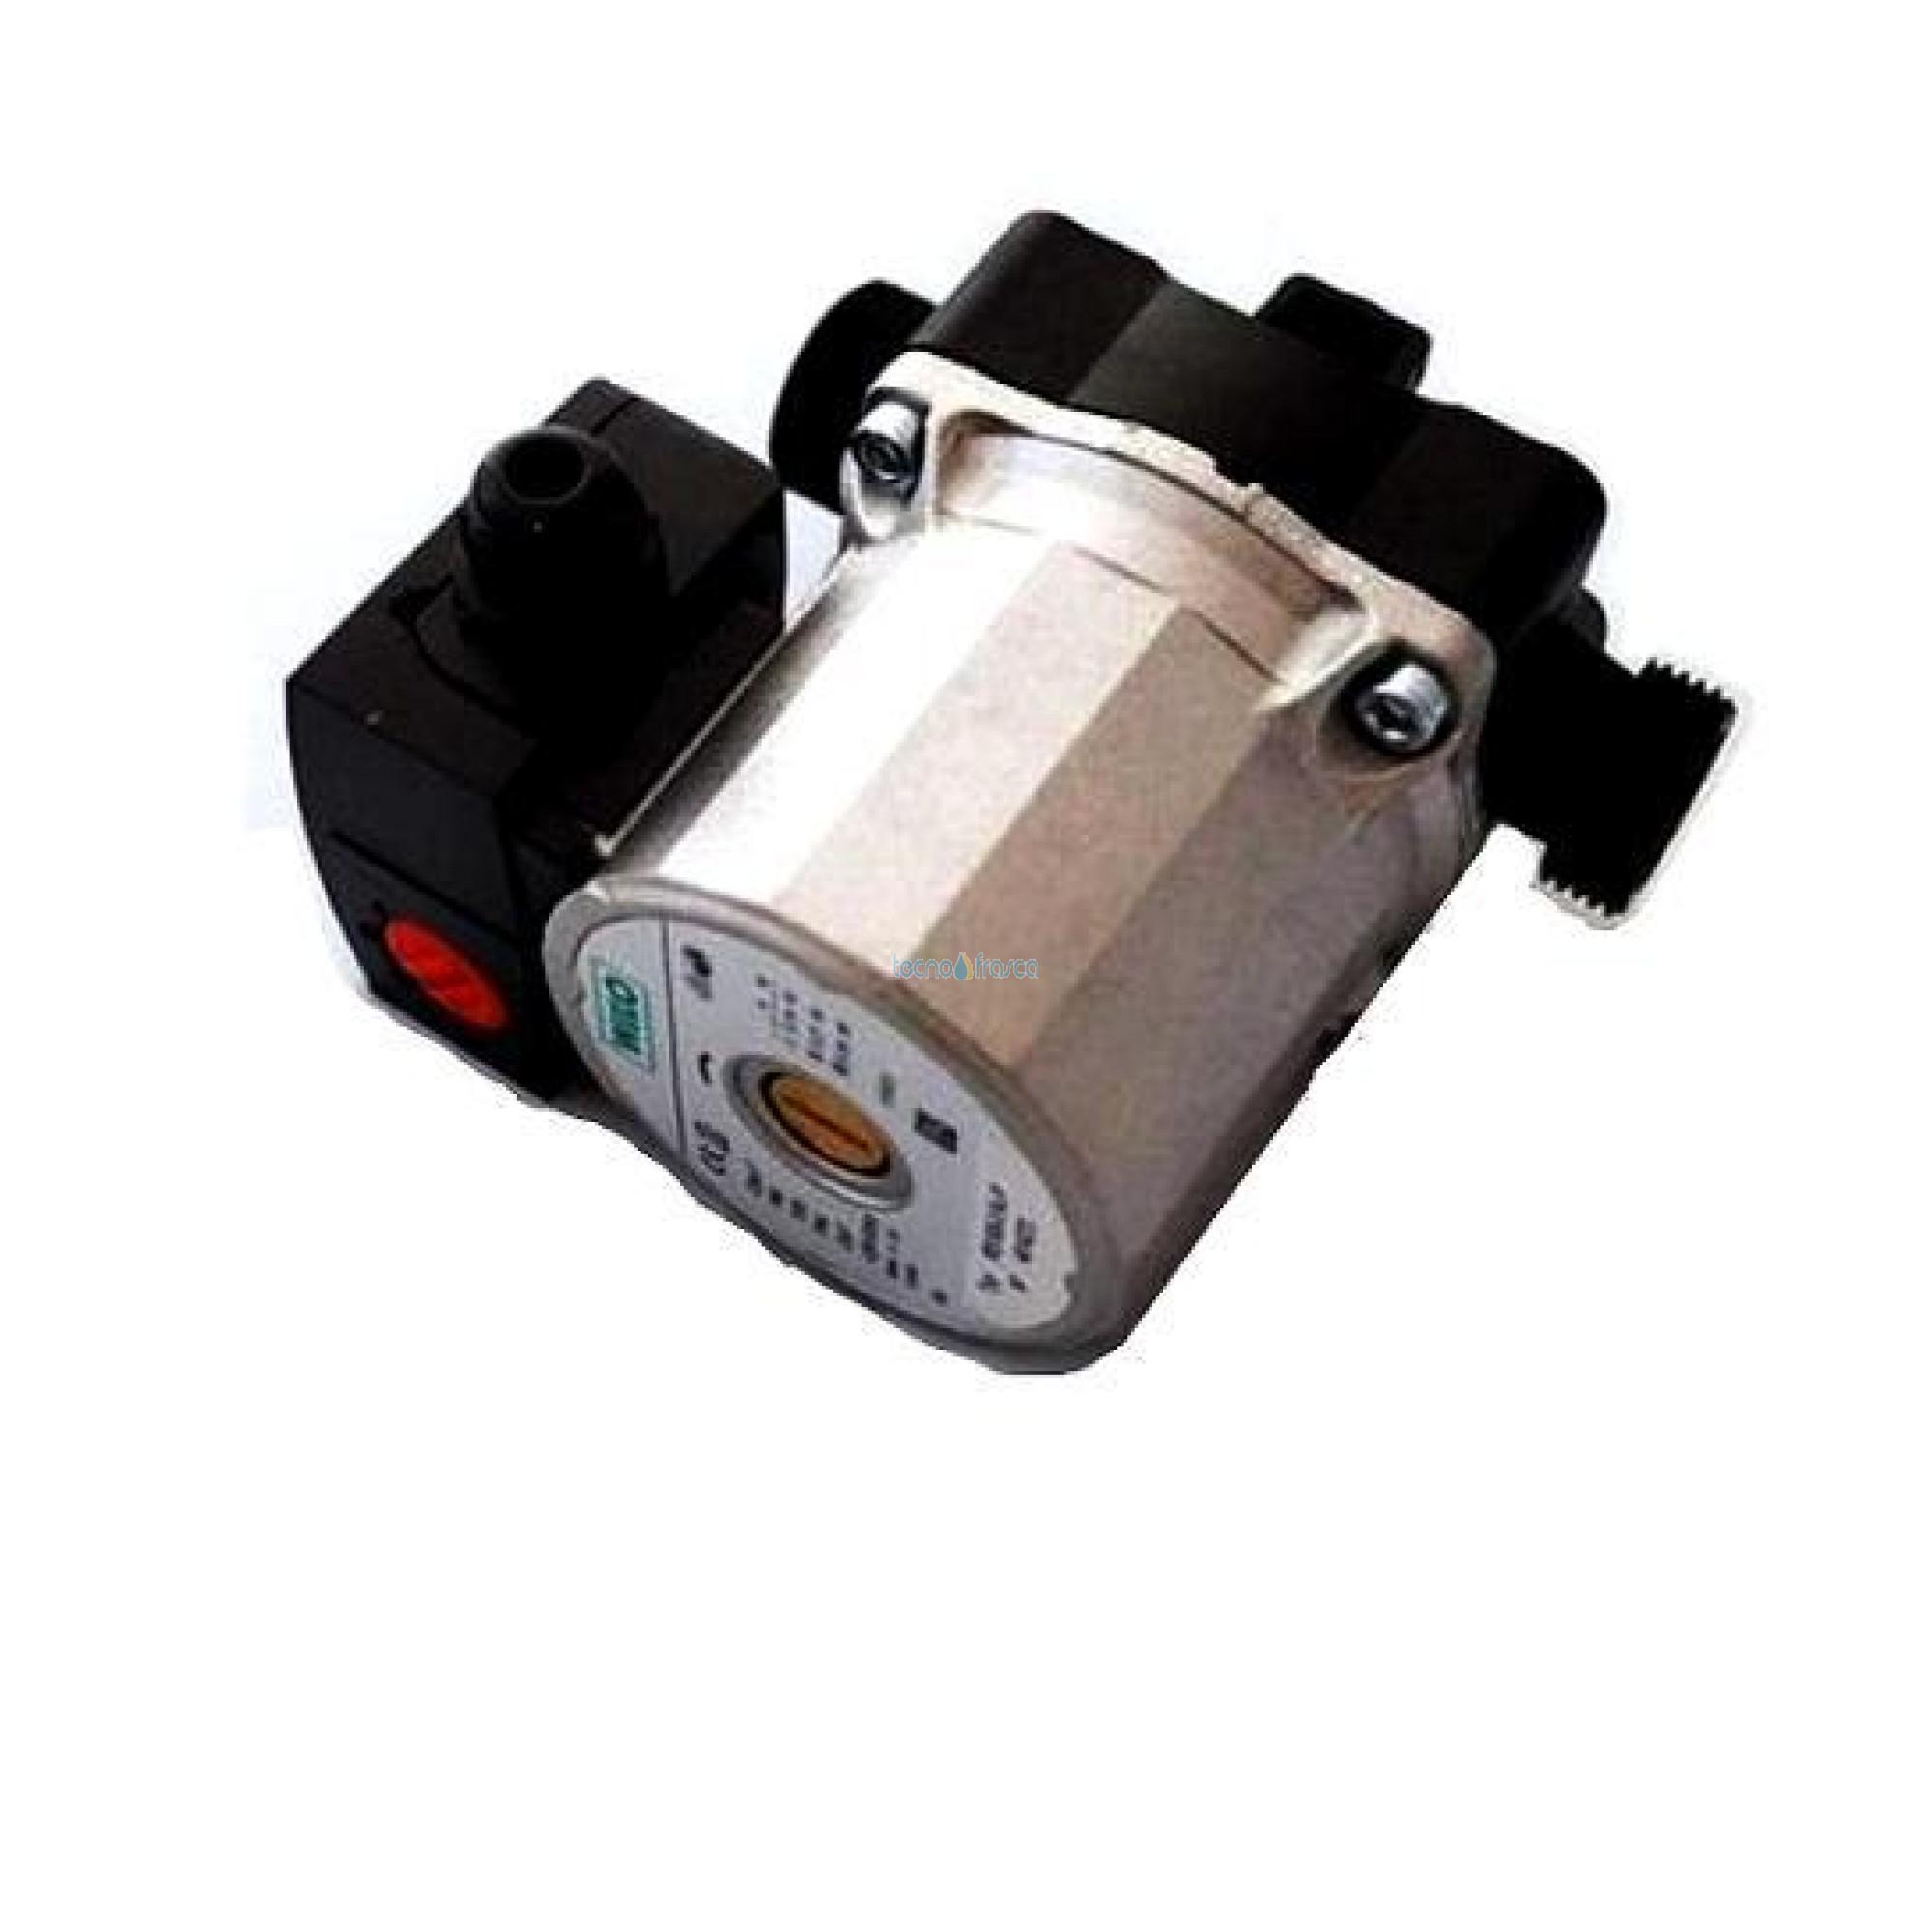 Ferroli kit pompa rs 15/60 1ku 39810450